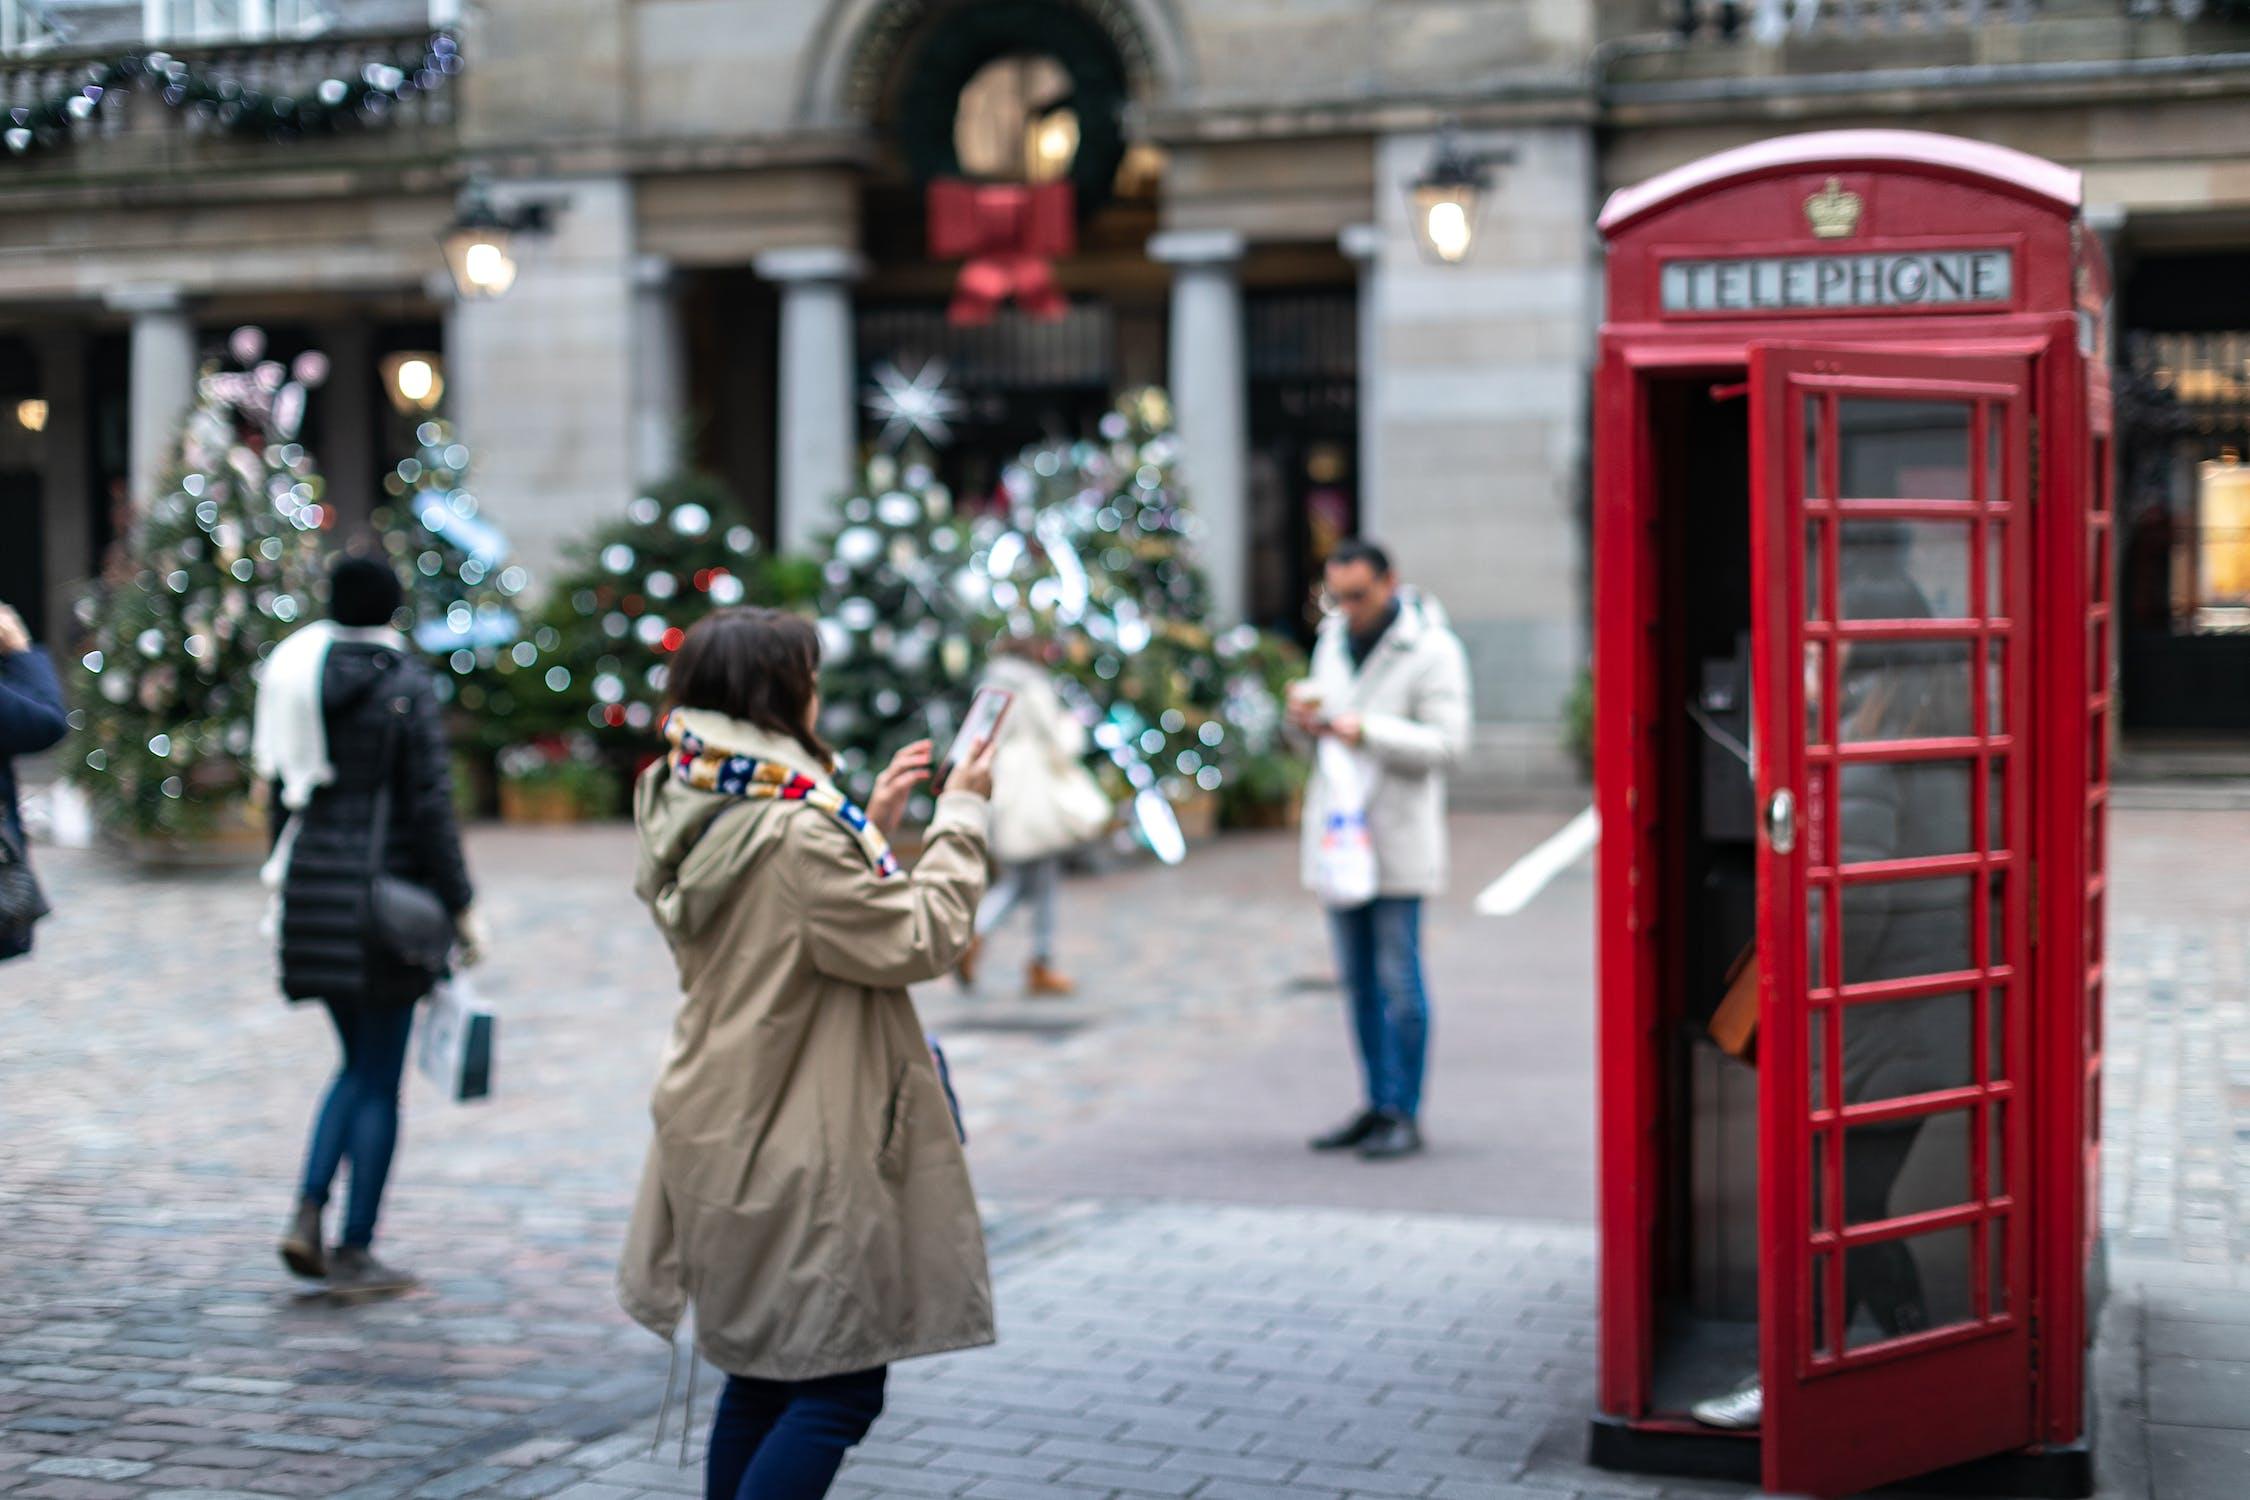 интересное лица лондонцев фото если подать сметаной